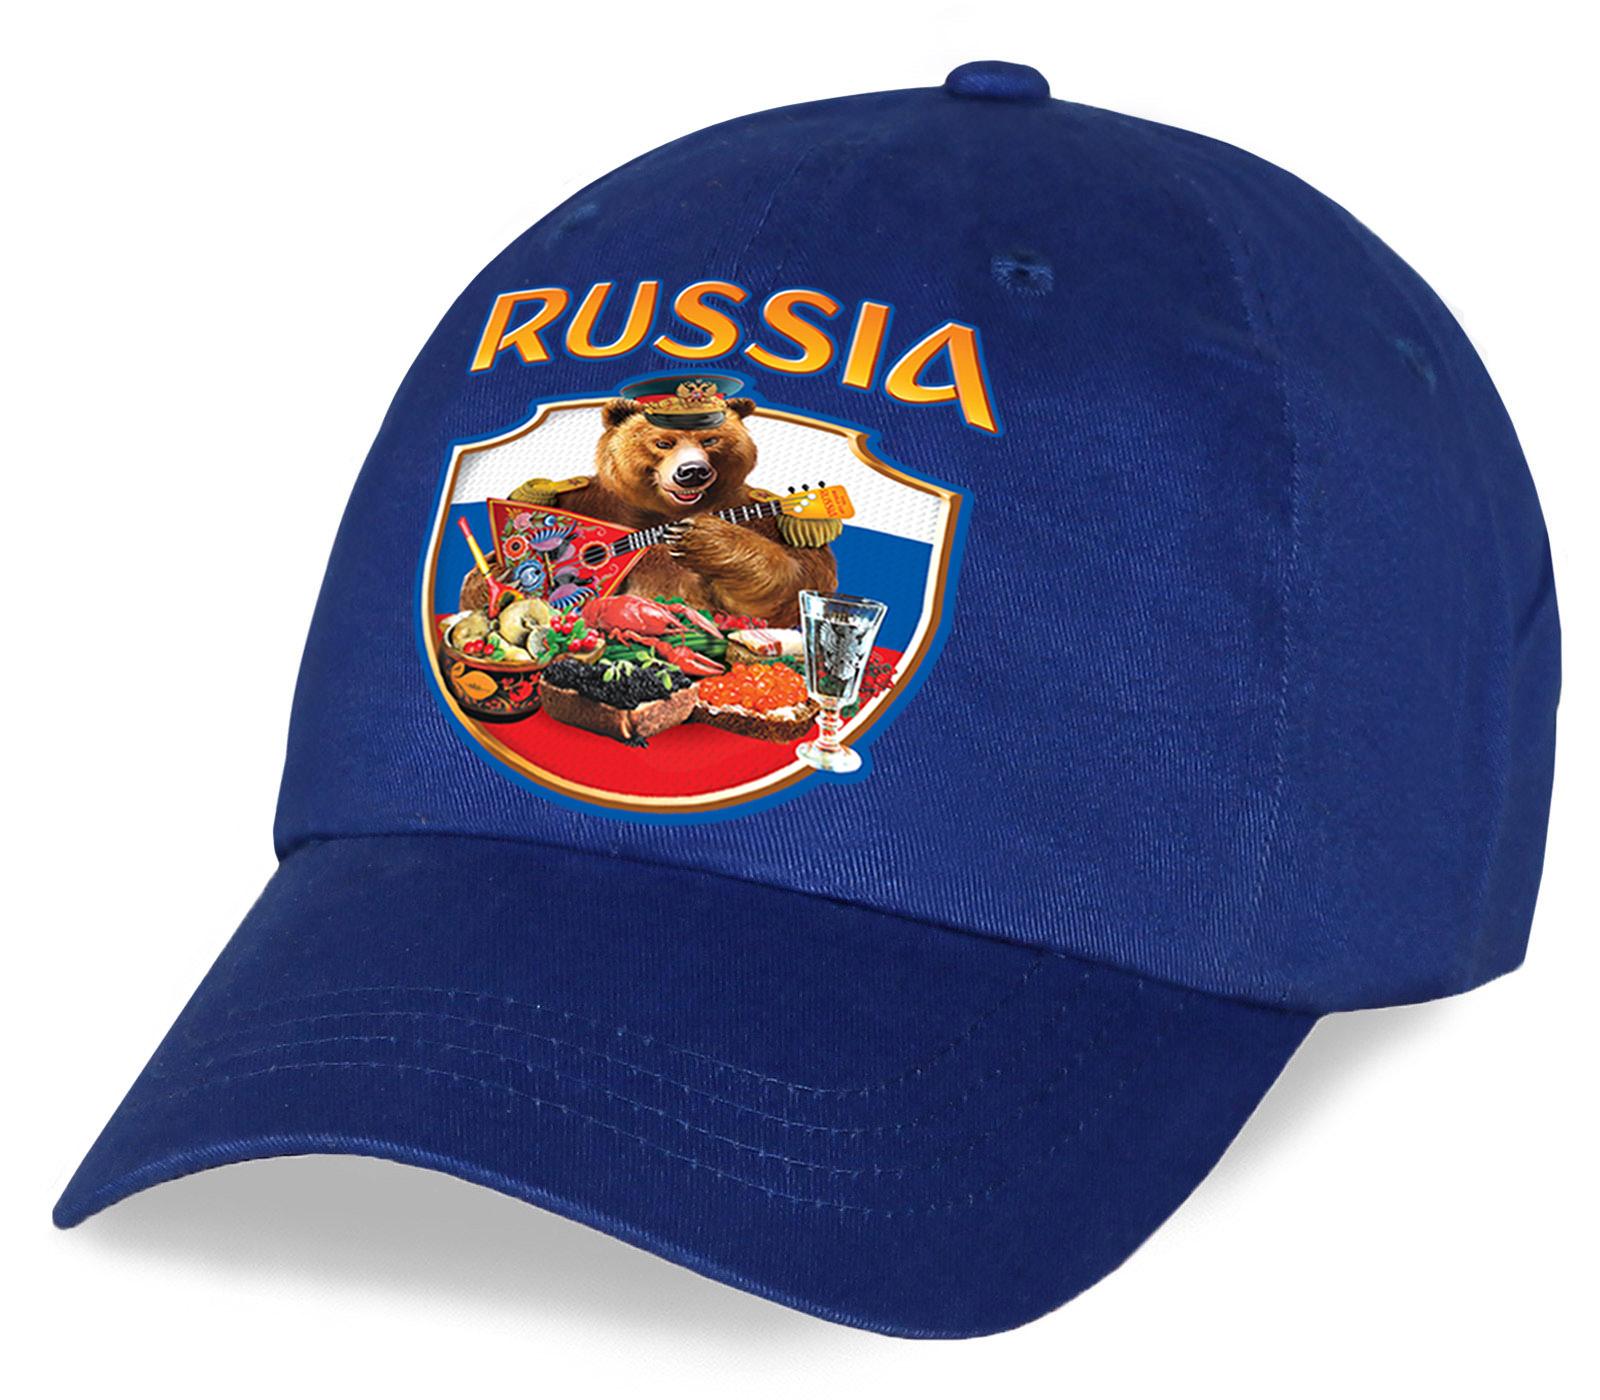 Для всех фанатов и патриотов хлопковая кепка с авторским принтом RUSSIA